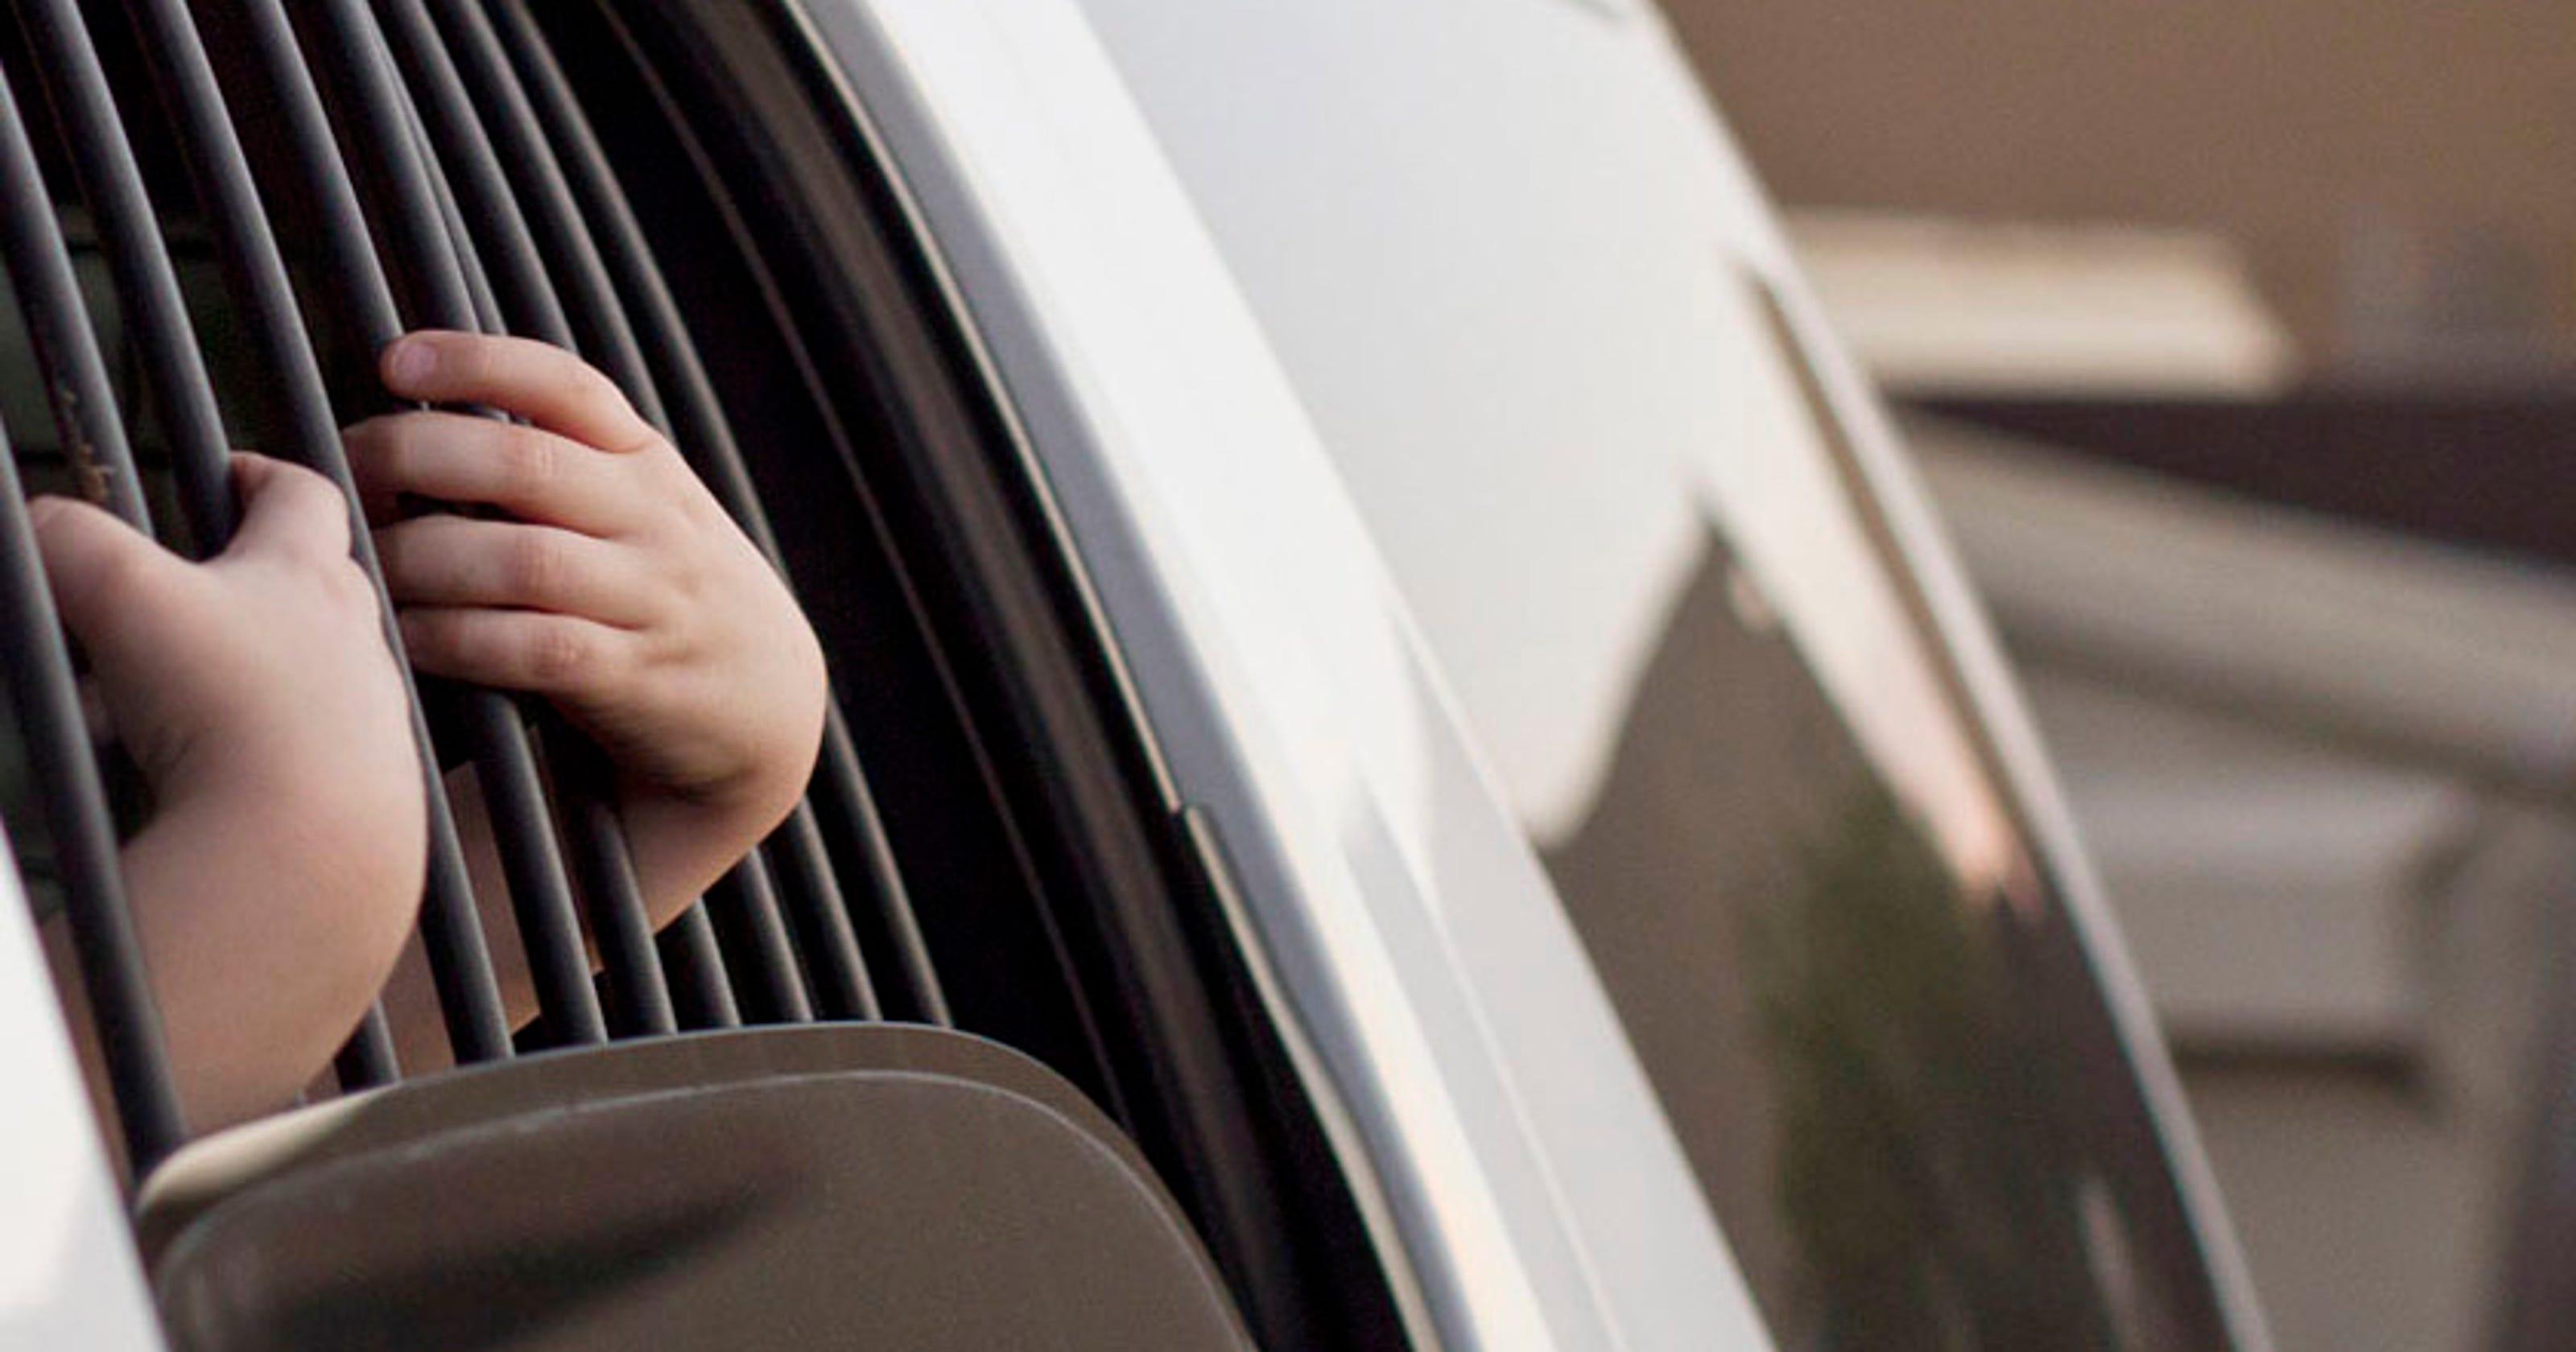 Arizona moves toward a warrant program for DCS child removals